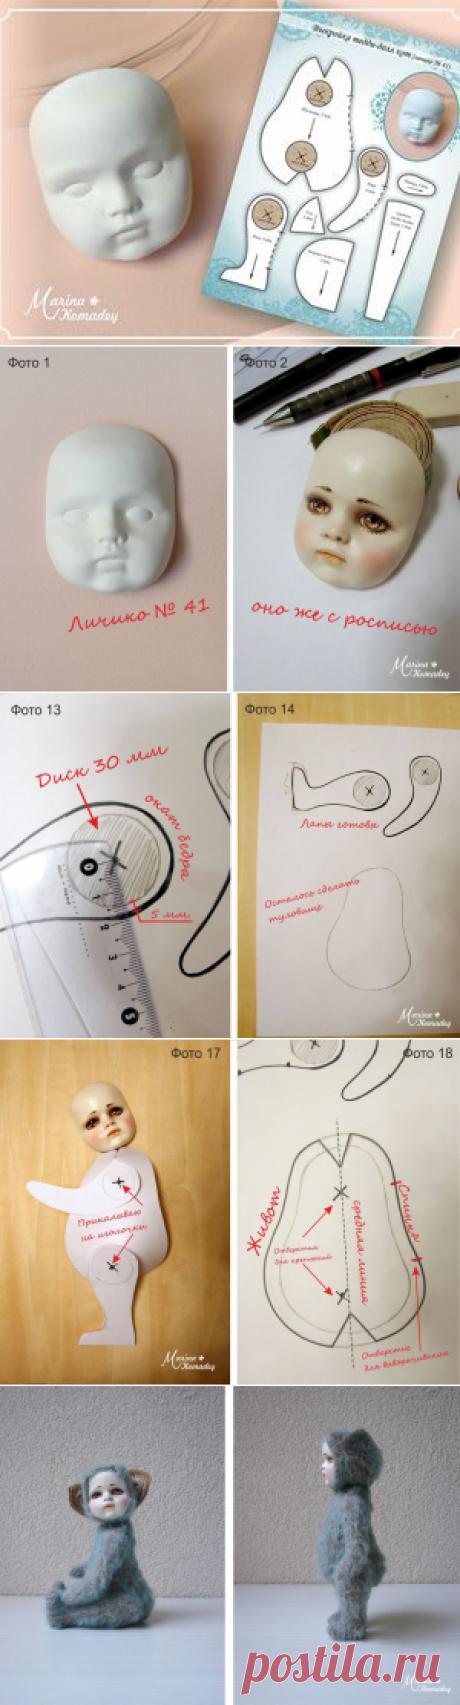 Как сделать выкройку бюстгальтера